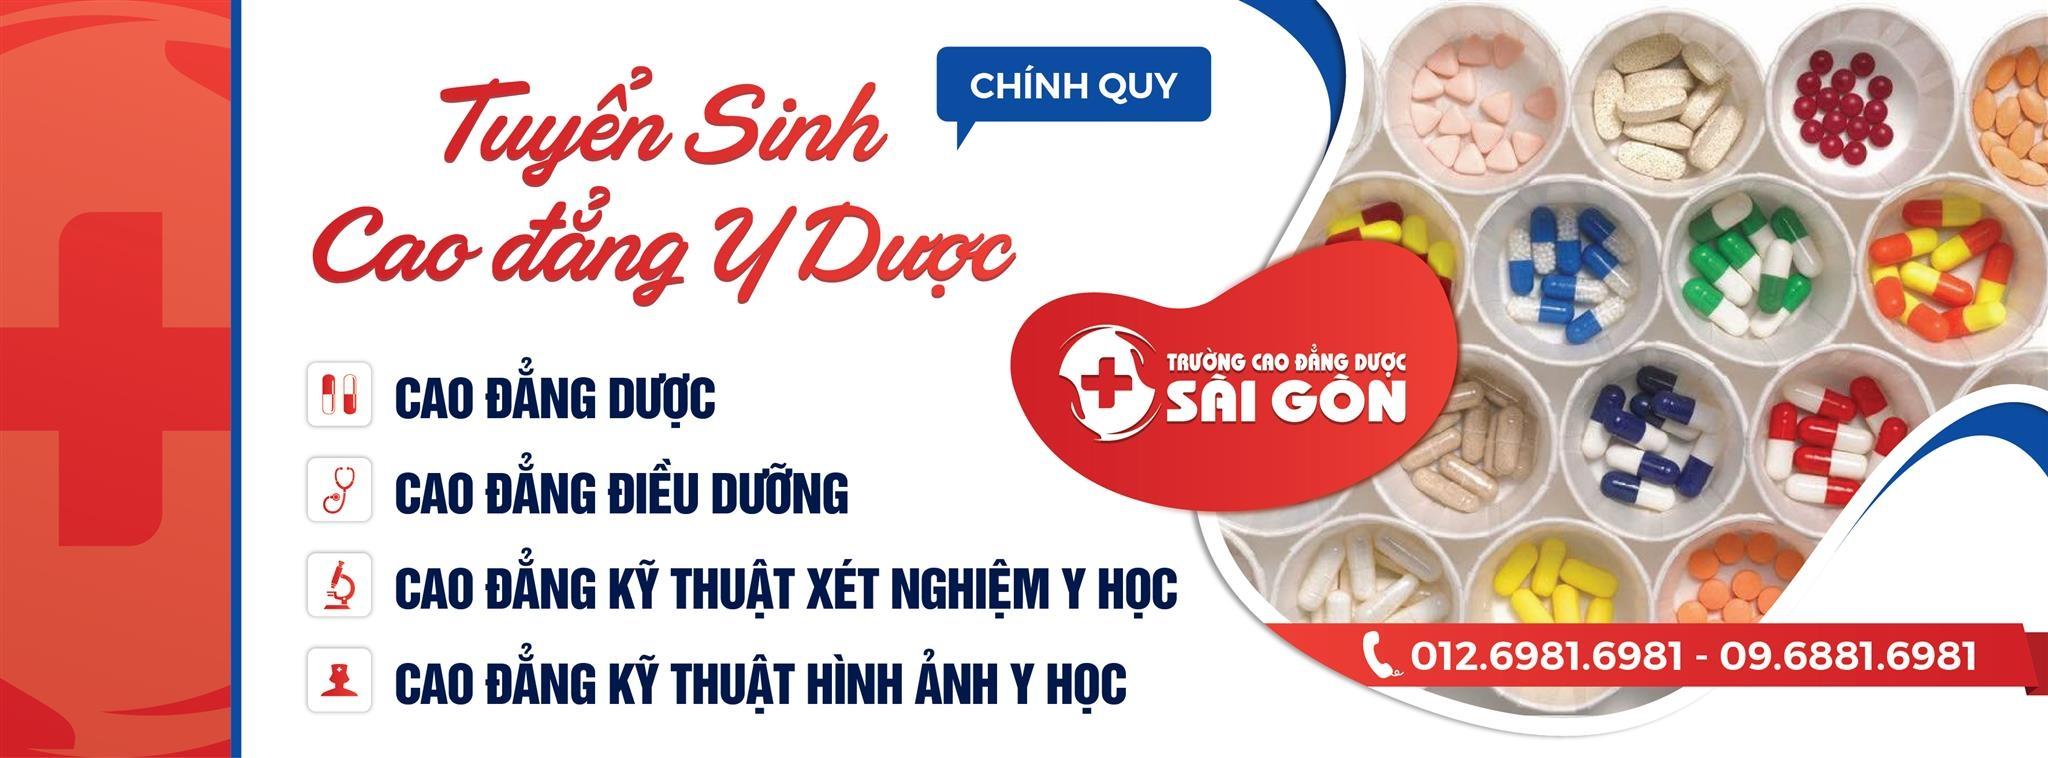 Trần Công Chín (@trancongchin) Cover Image